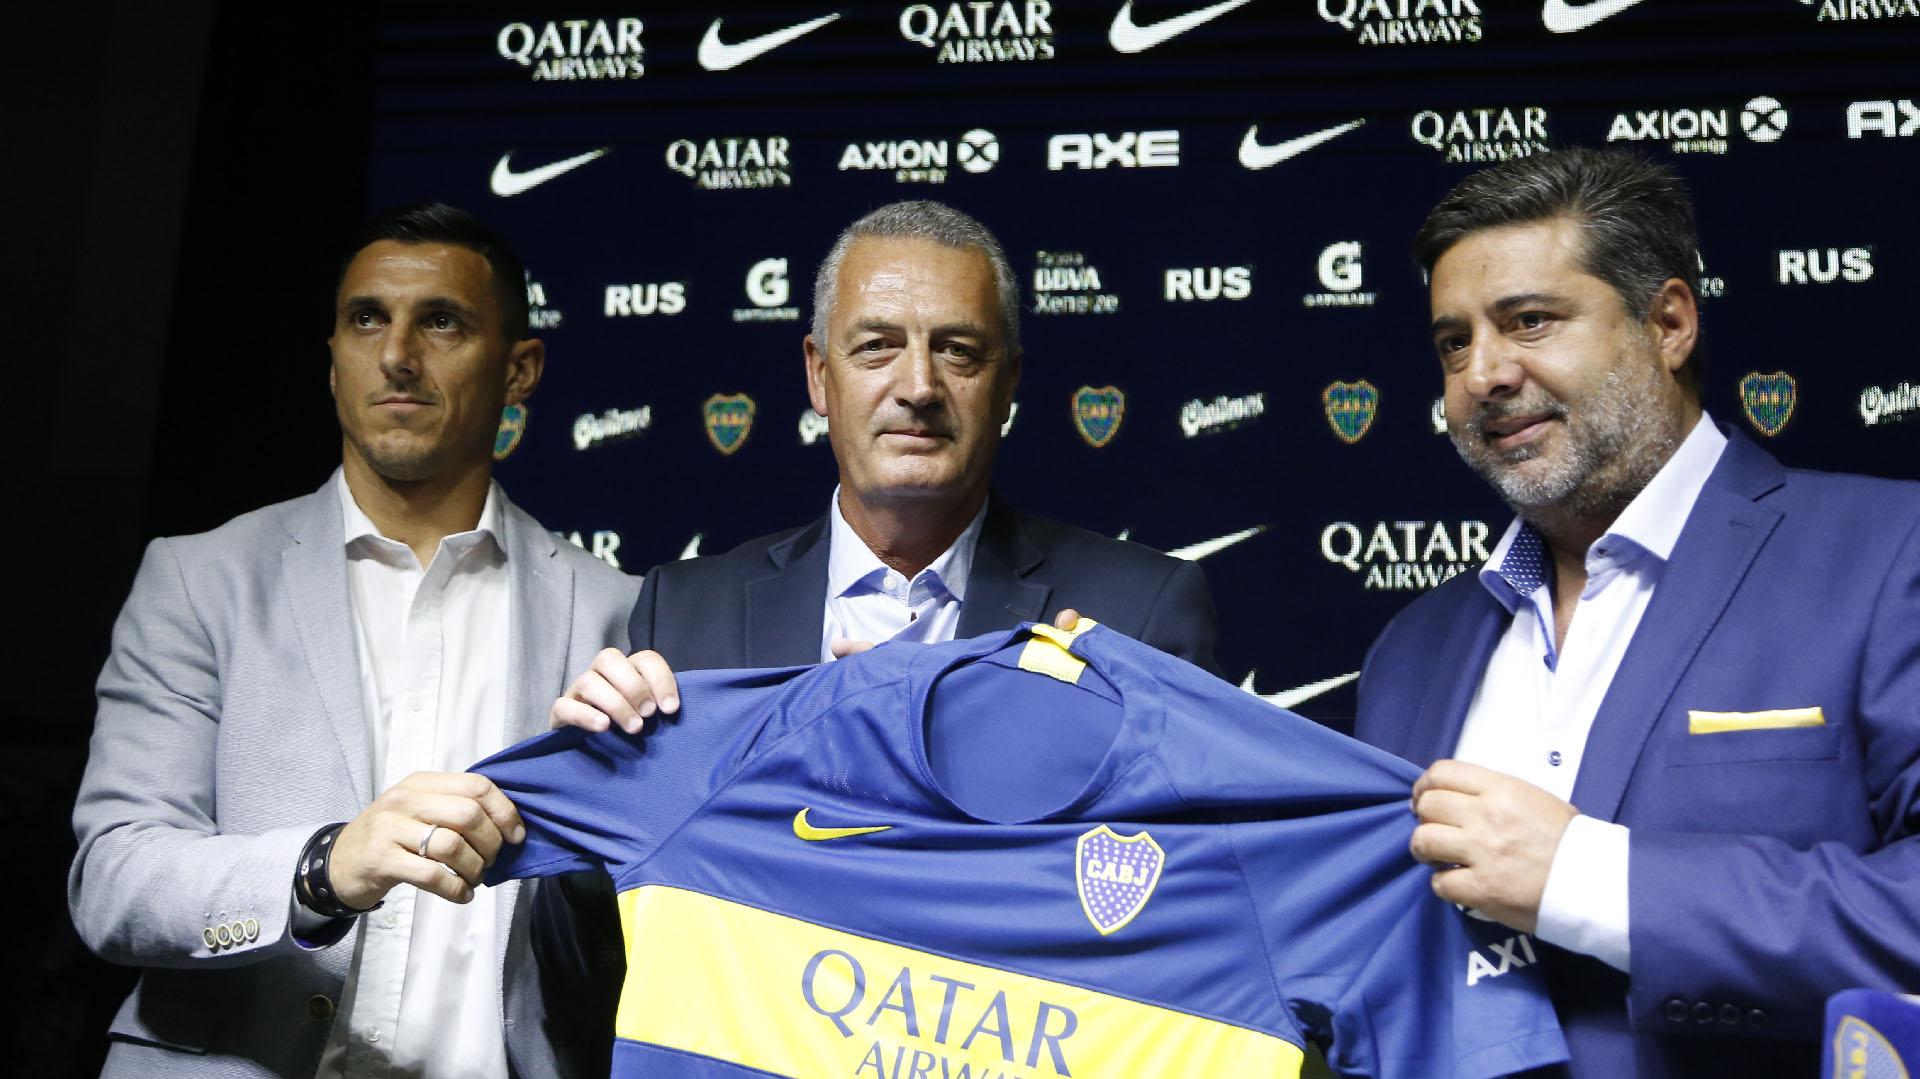 Alfaro, con la camiseta de Boca, acompañado por Burdisso y Angelici (Foto: Nicolás Aboaf)